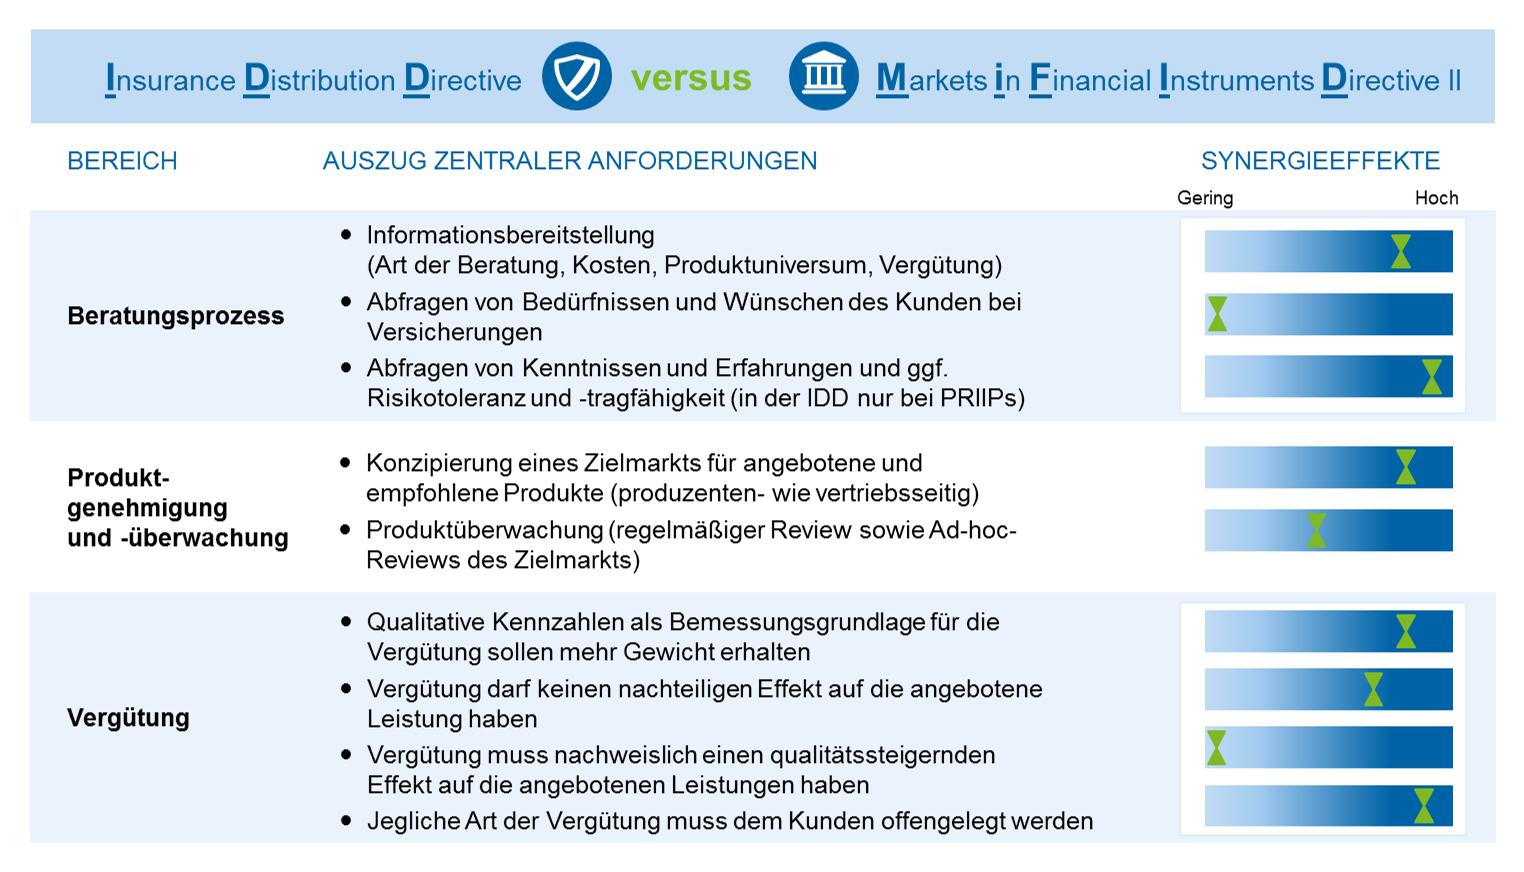 Synergieeffekte bei der Umsetzung von IDD und MiFID II in ausgewählten Bereichen